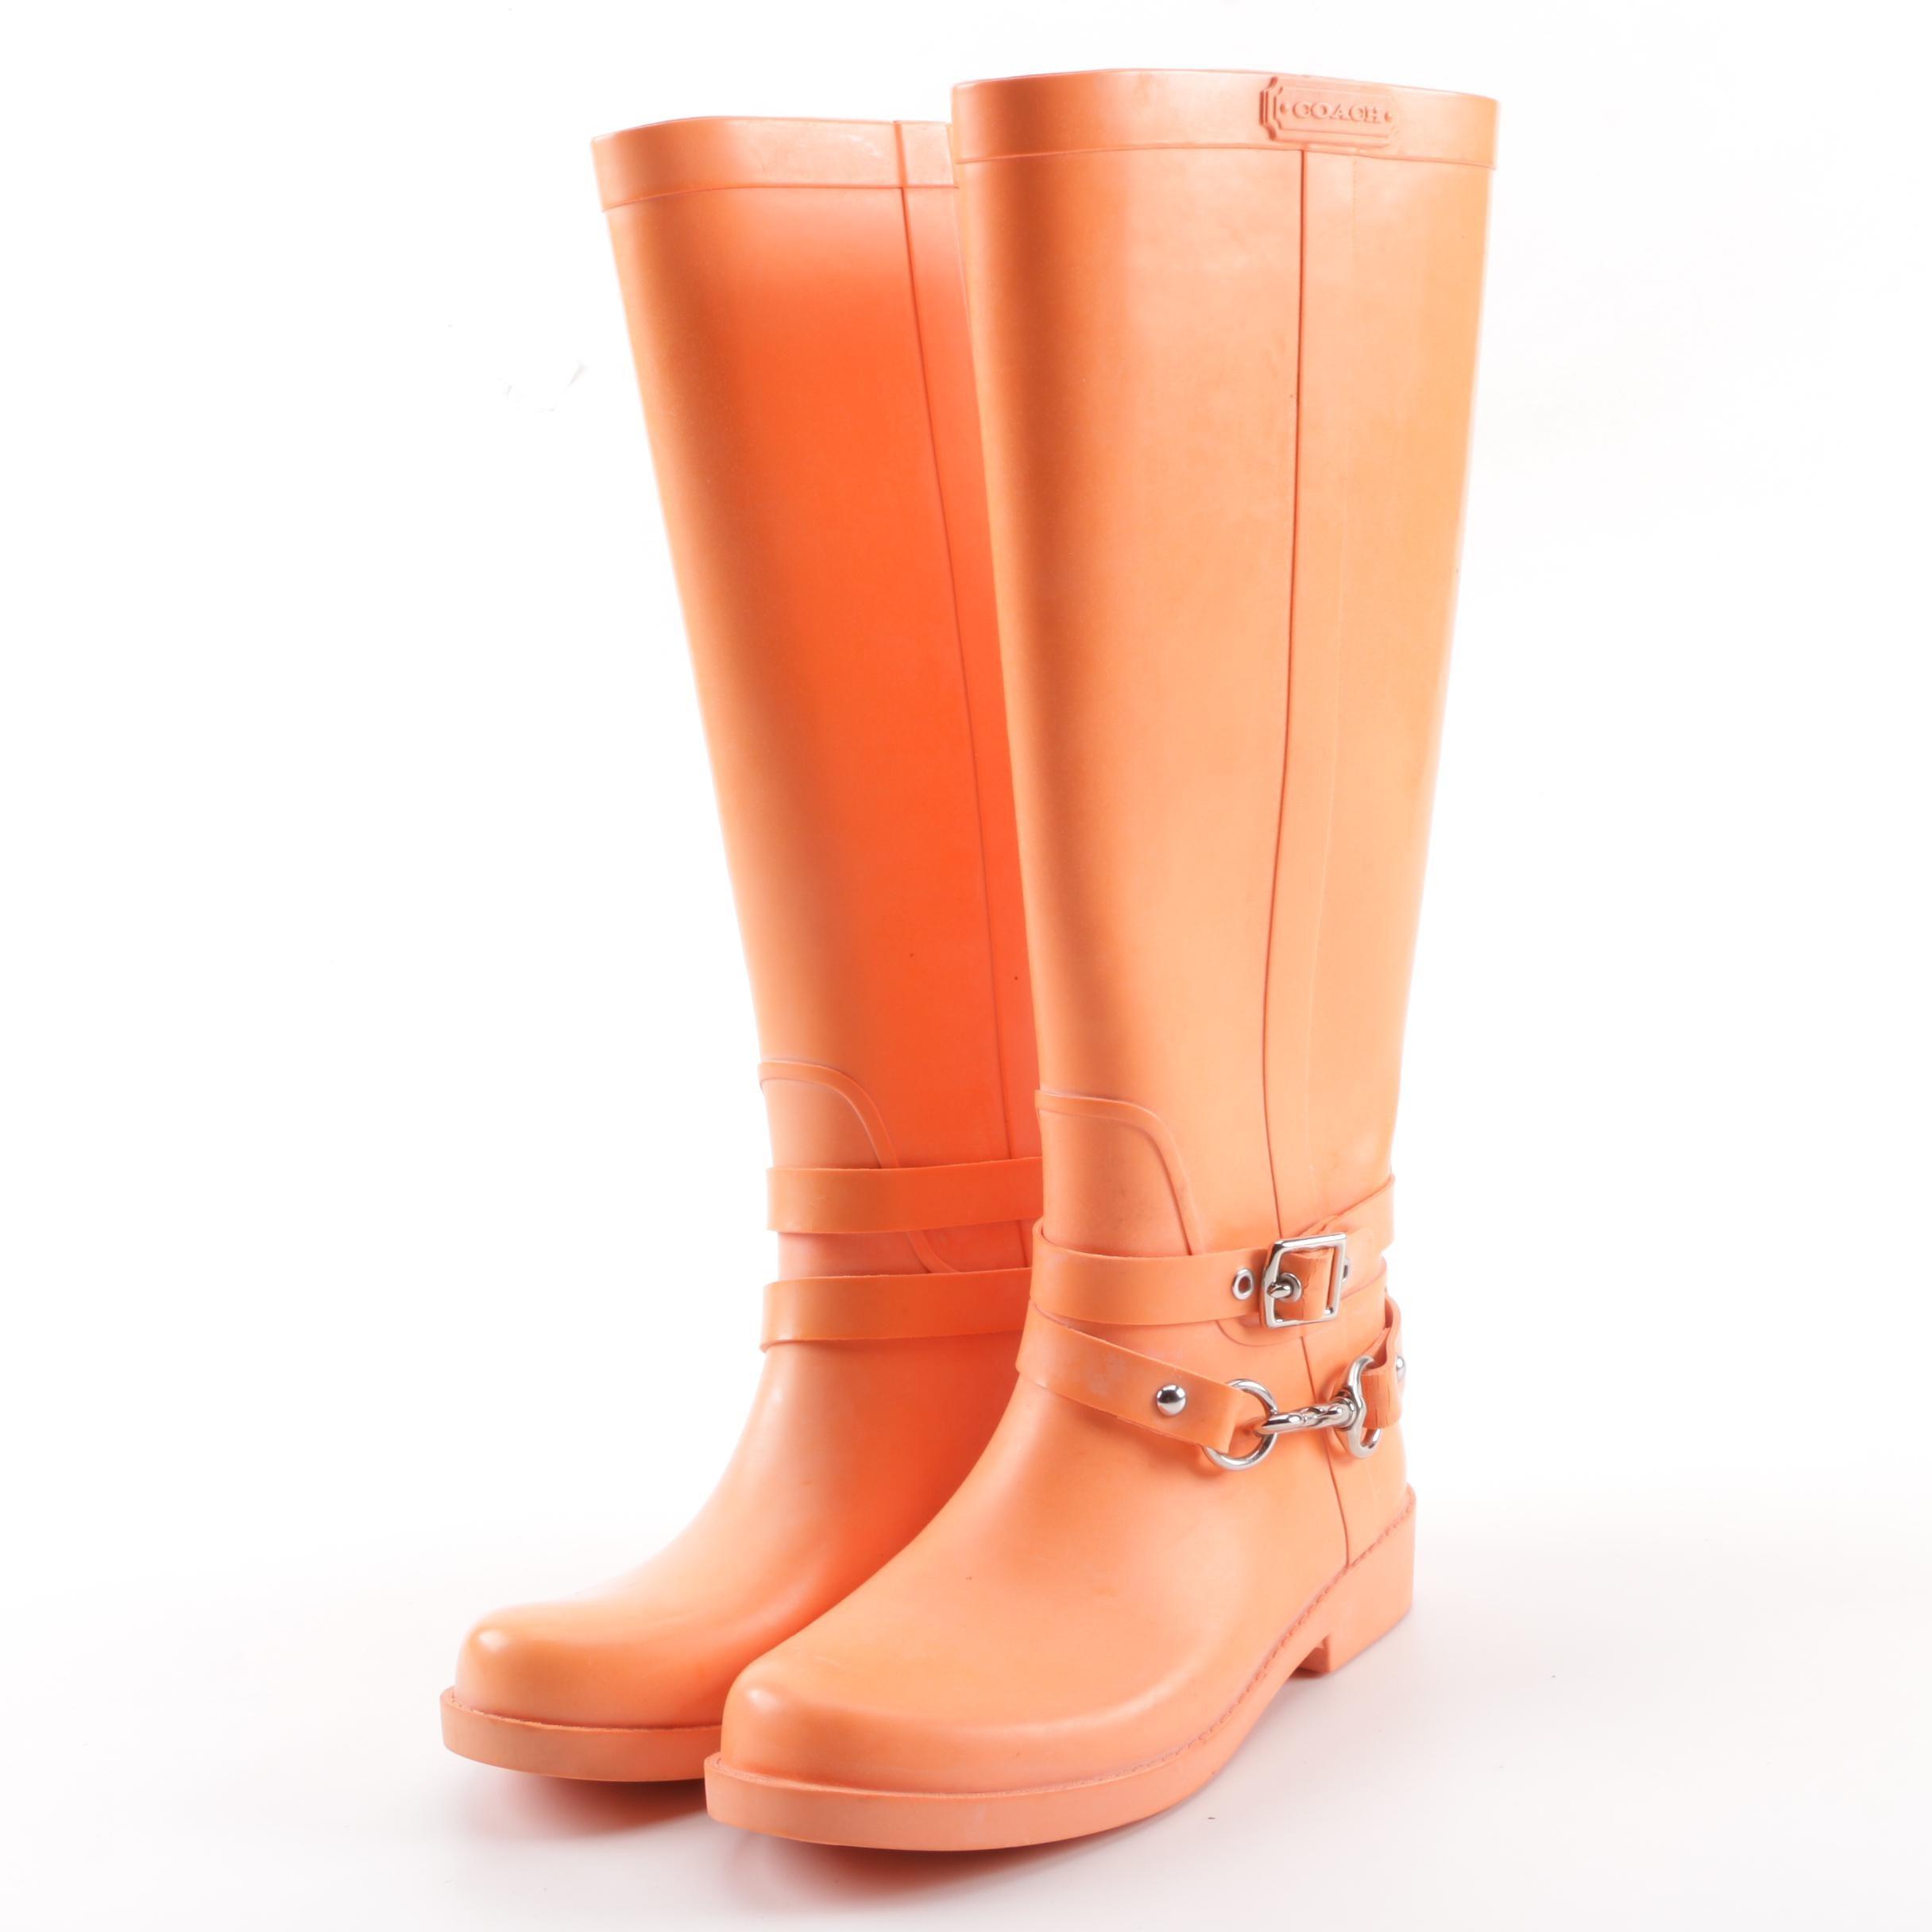 Women's Coach Lori Orange Rubber Rain Boots